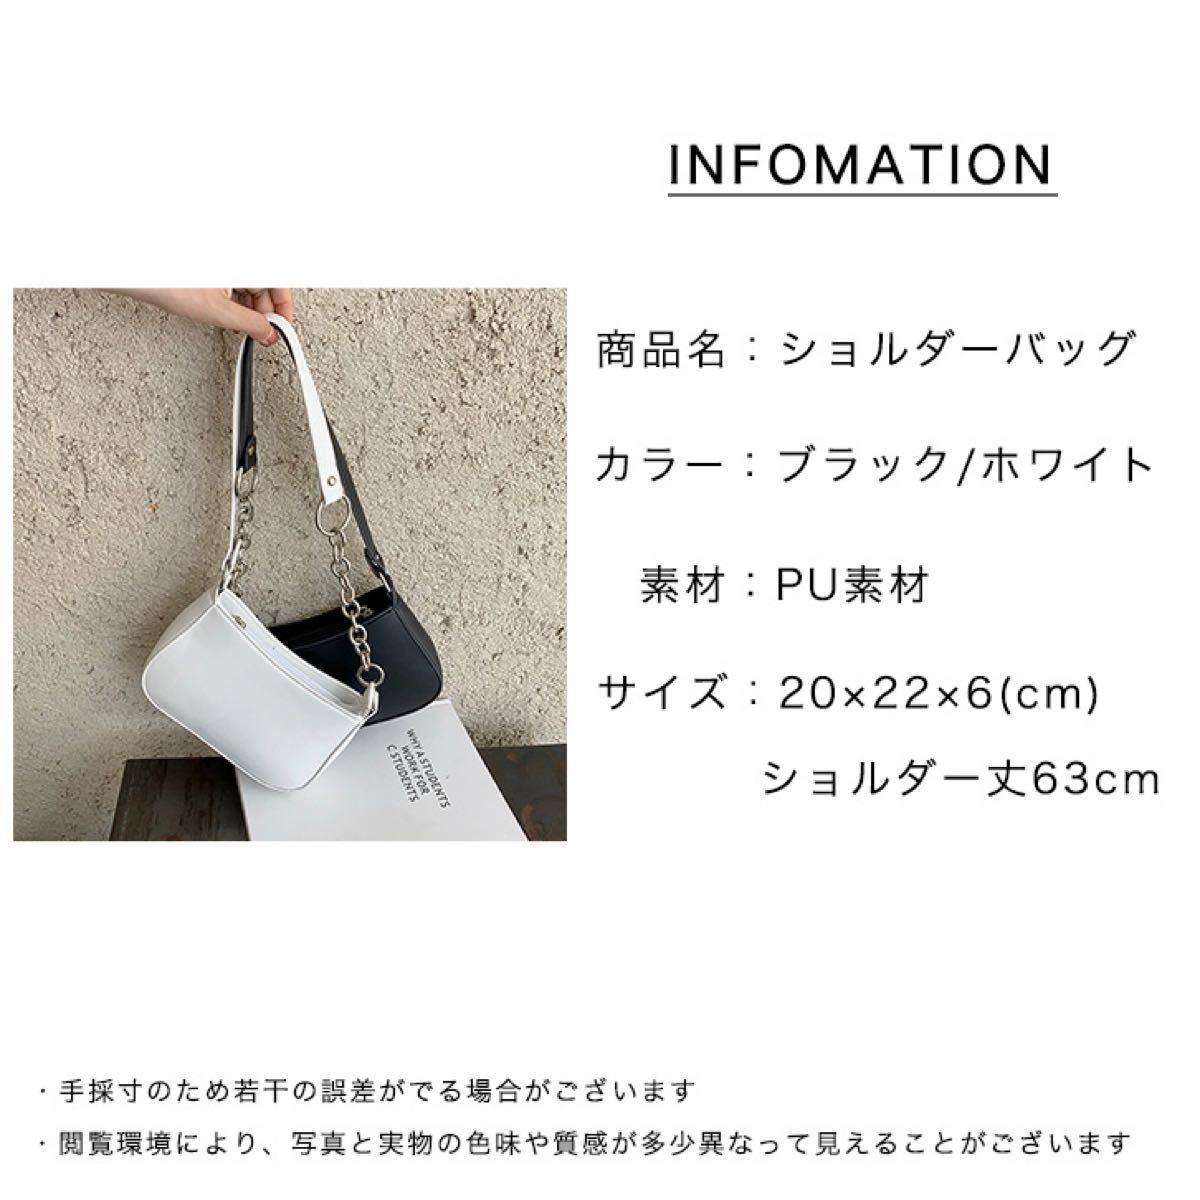 【タイムセール値下げ中】バッグ ショルダーバッグ ハンドバッグ チェーンショルダー チェーン ミニバッグ コンパクト